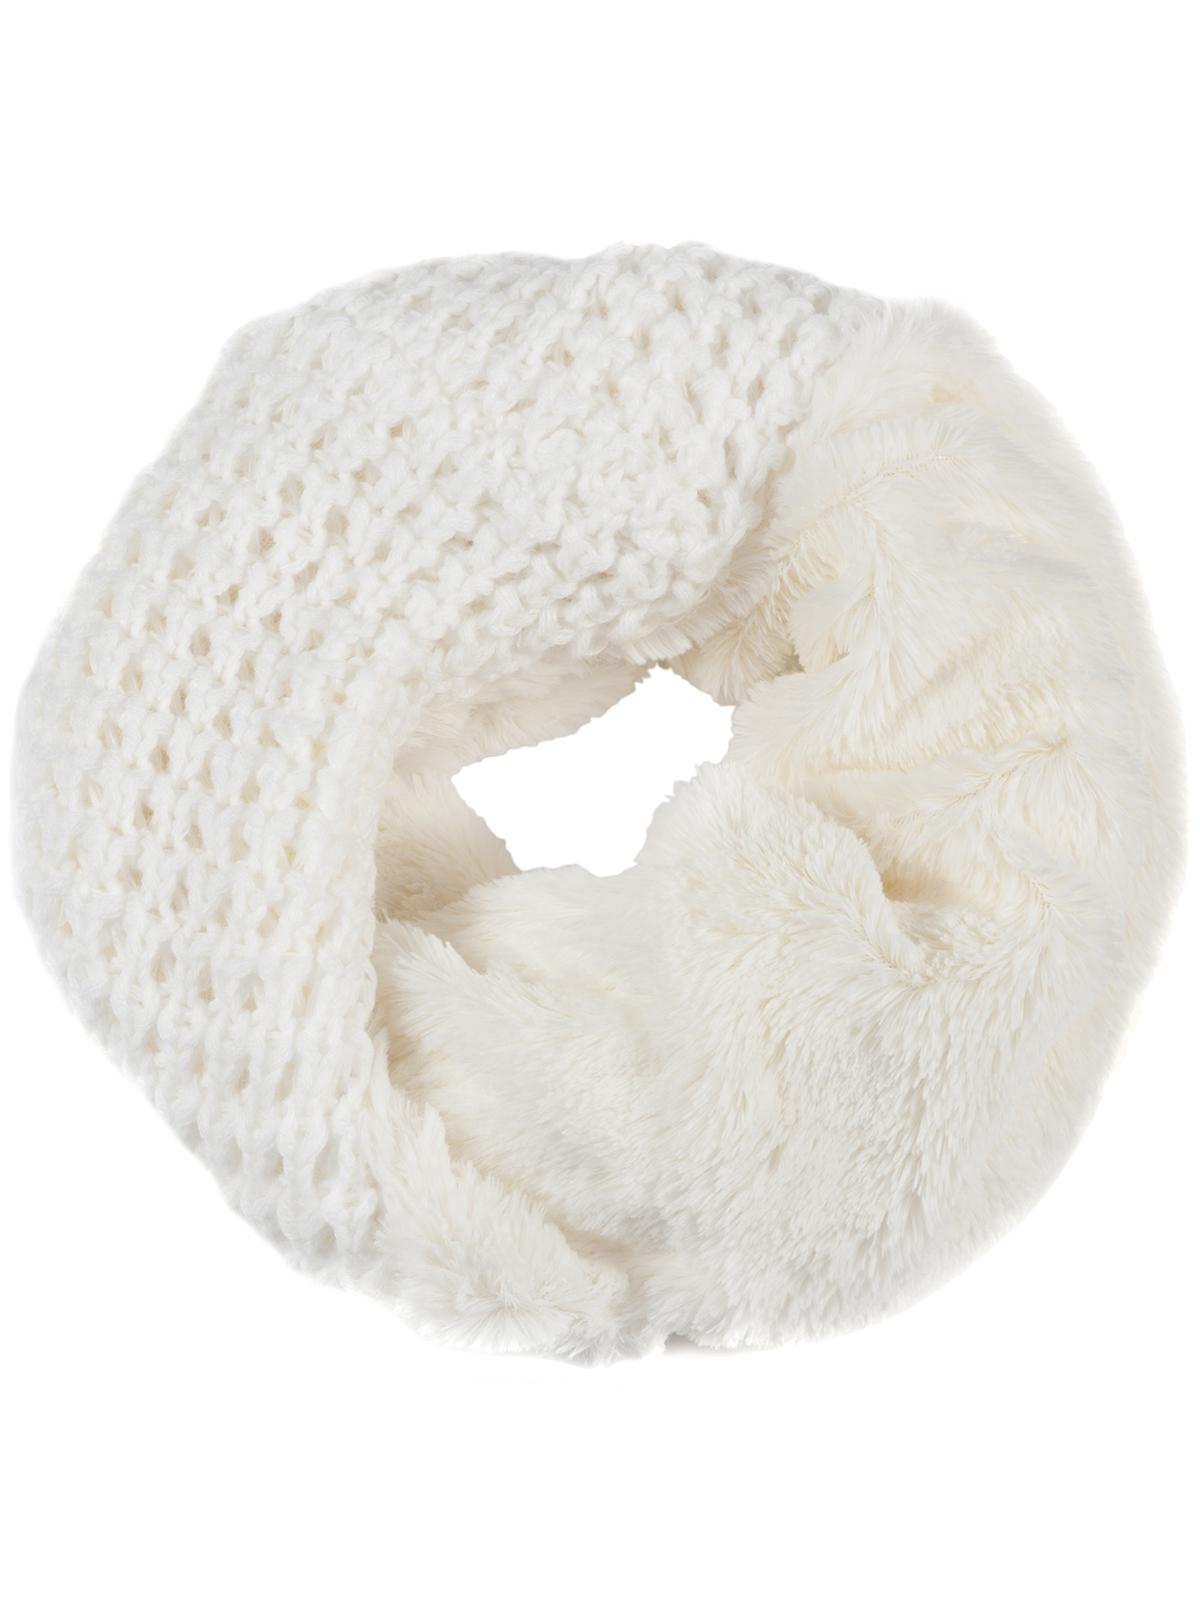 Снуд-хомут женский Labbra, цвет: молочный. LDB63-622. Размер 30 см х 70 смLDB63-622Женский вязаный снуд-хомут Labbra выполнен из сочетания высококачественных материалов. Модель оформлена крупной вязкой с узором, а внутренняя сторона выполнена из искусственного меха.